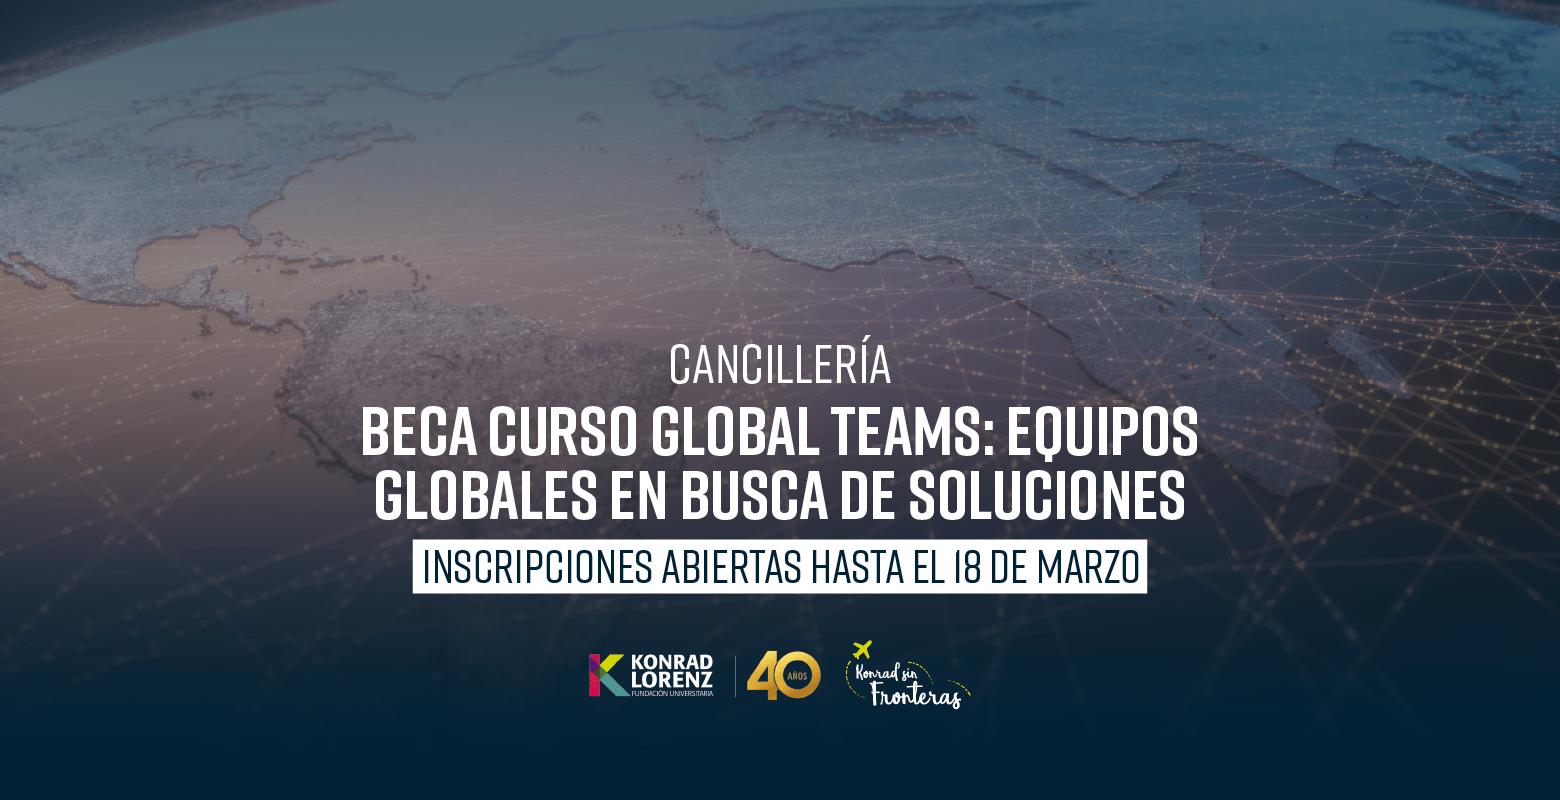 Beca Curso Global Teams: Equipos Globales en Busca de Soluciones